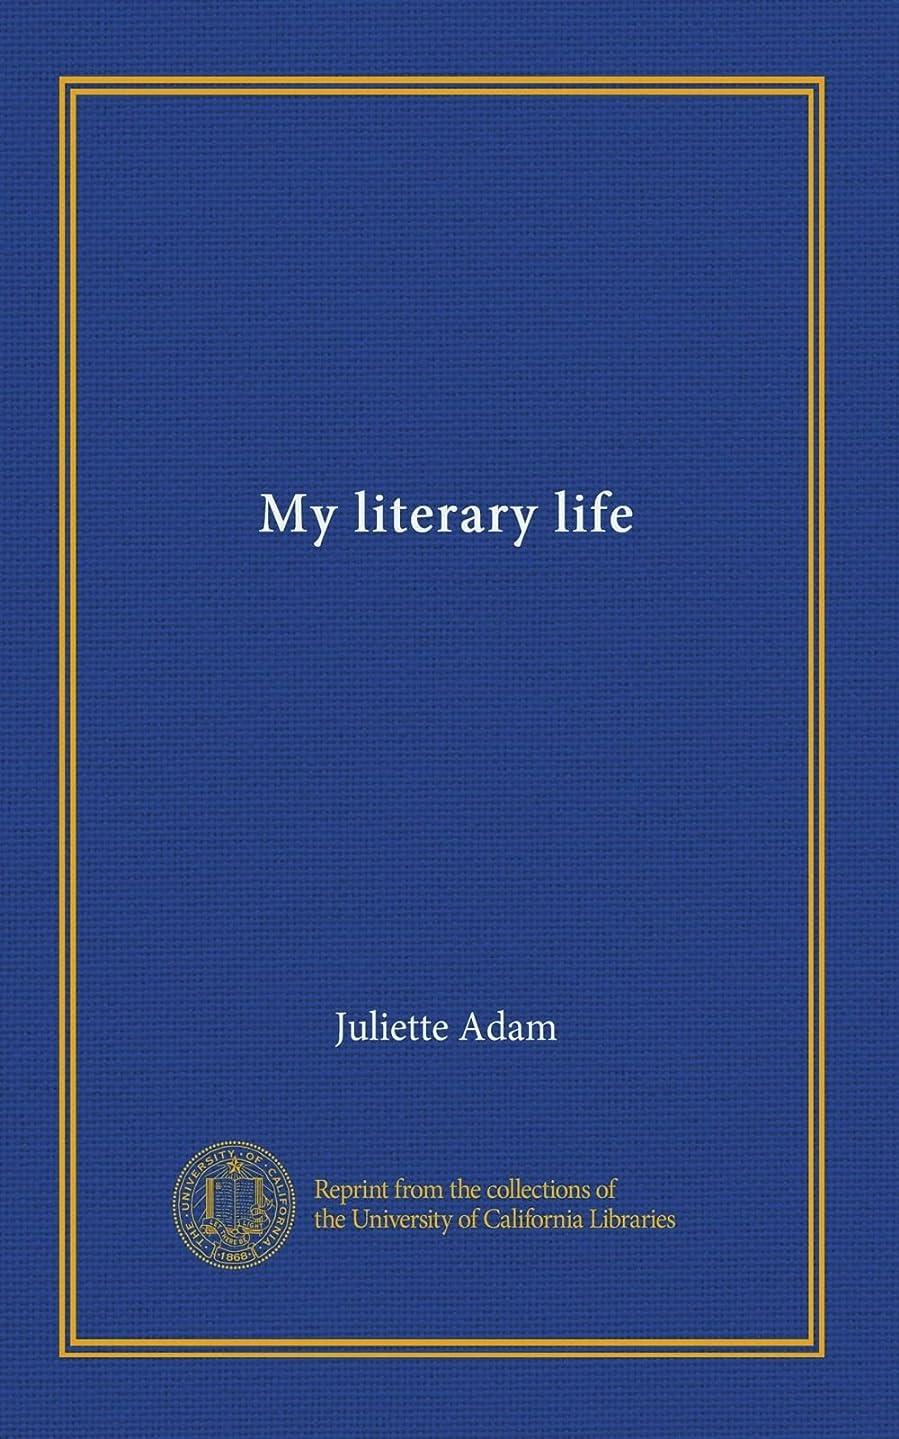 シャーマッシュ五十My literary life